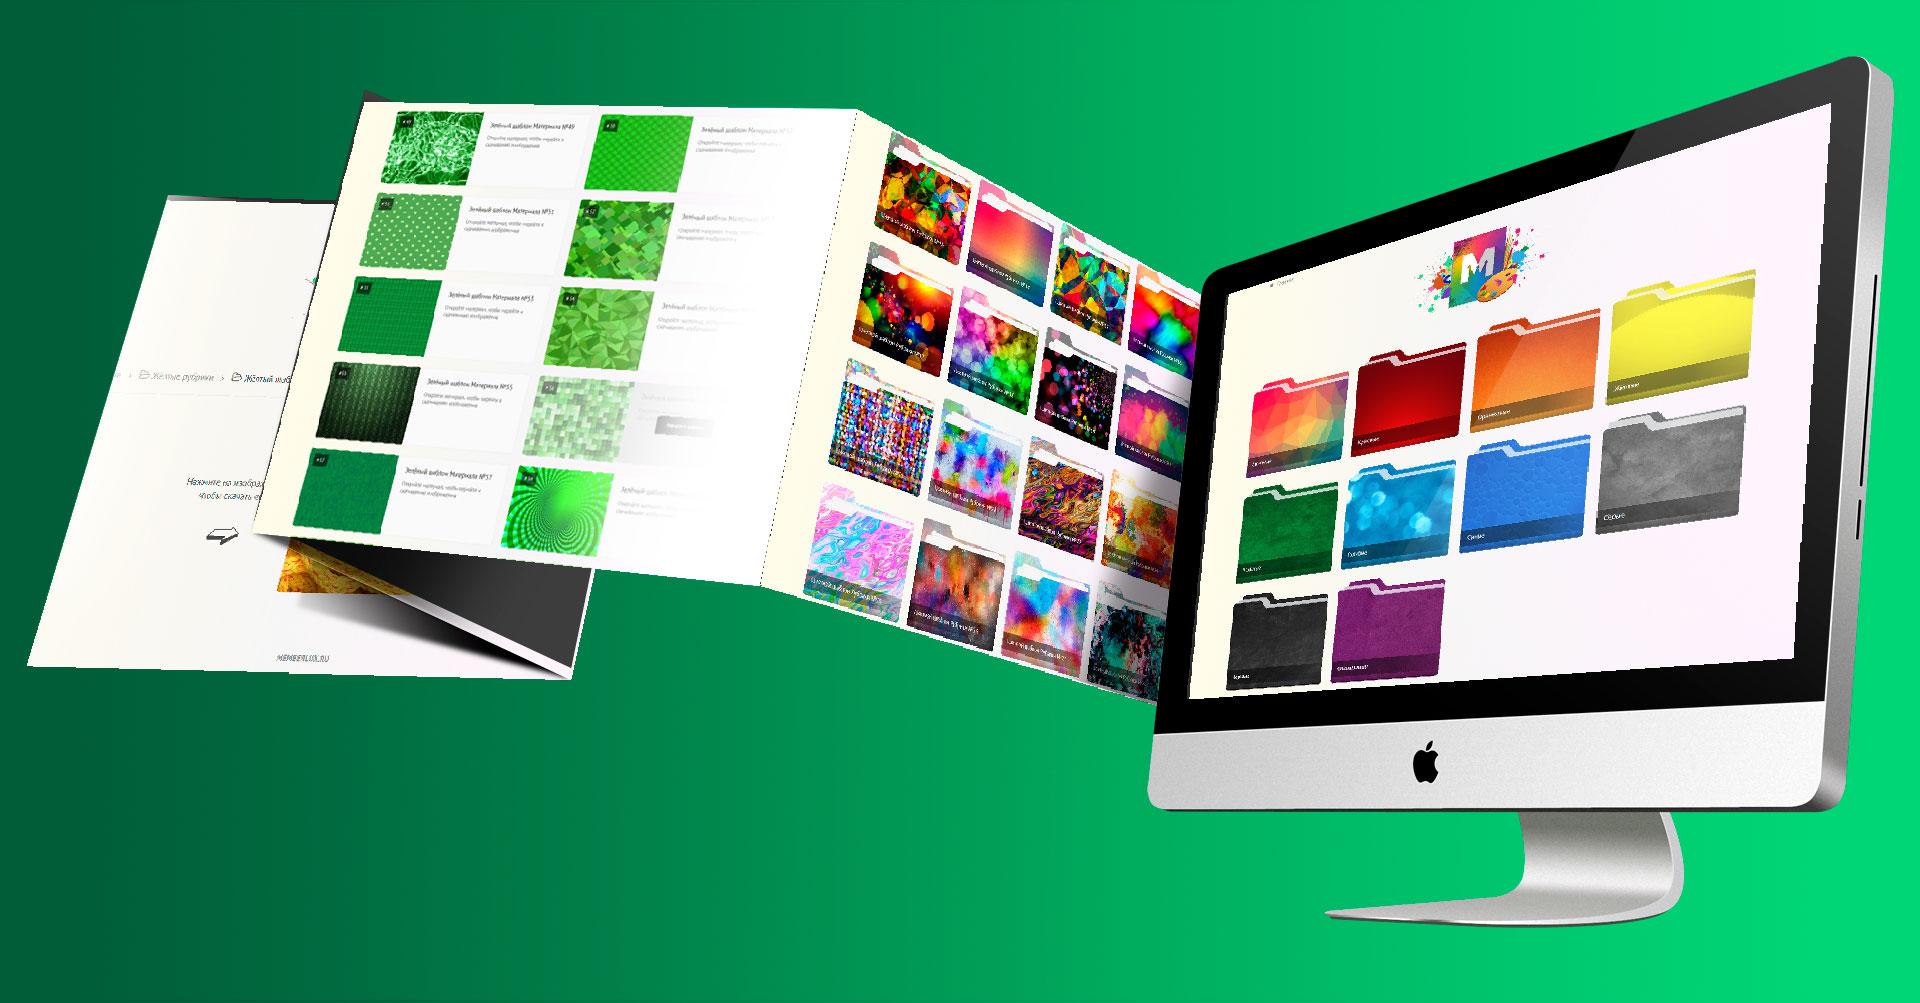 банк бесплатных изображений для сайта онлайн школы